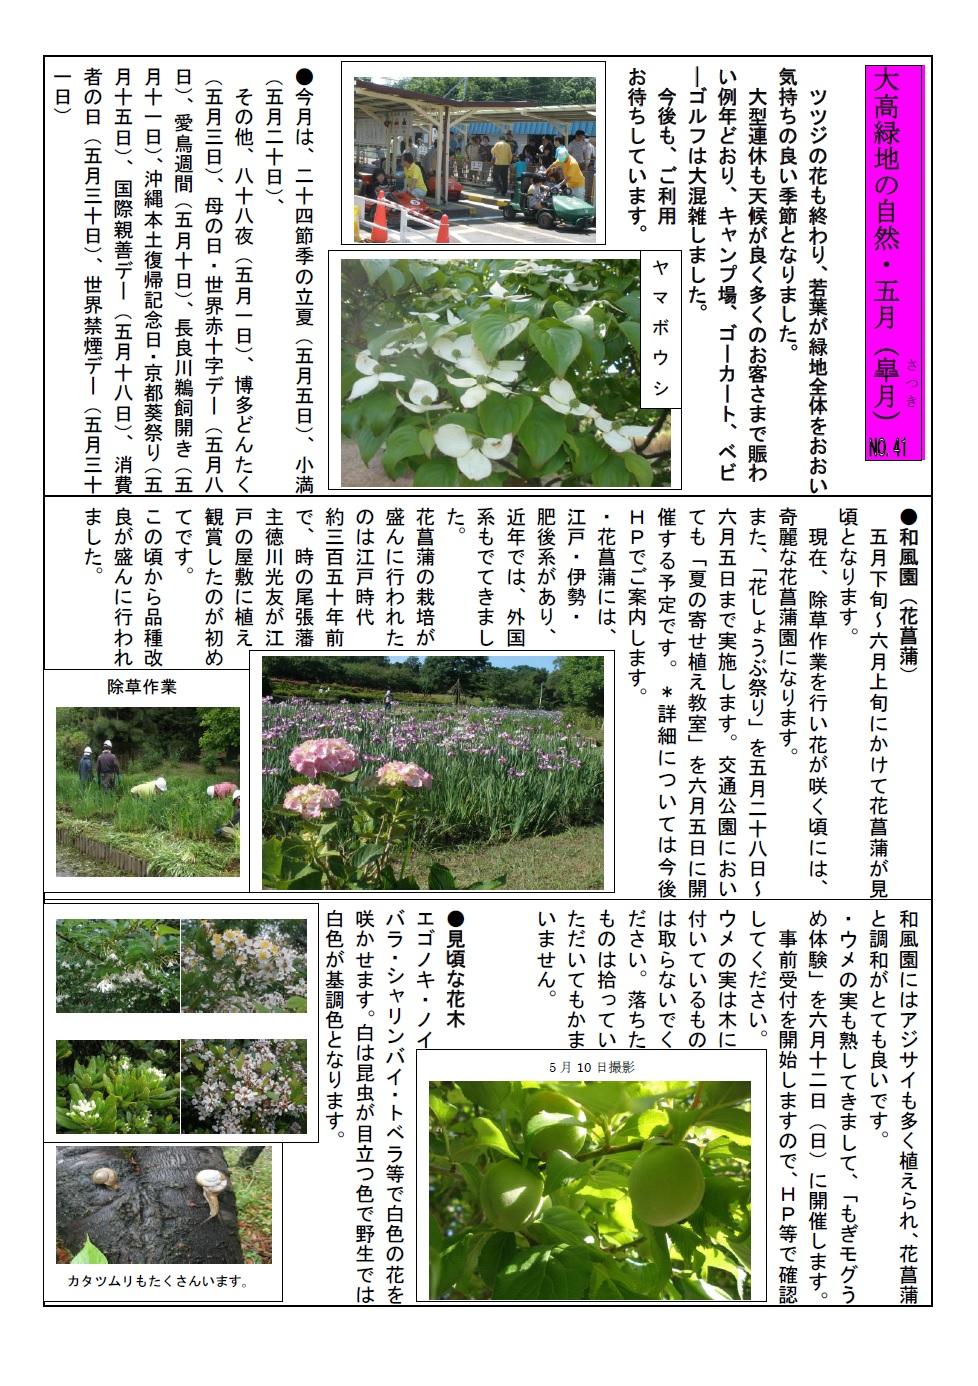 大高緑地の自然・28年5月jpeg